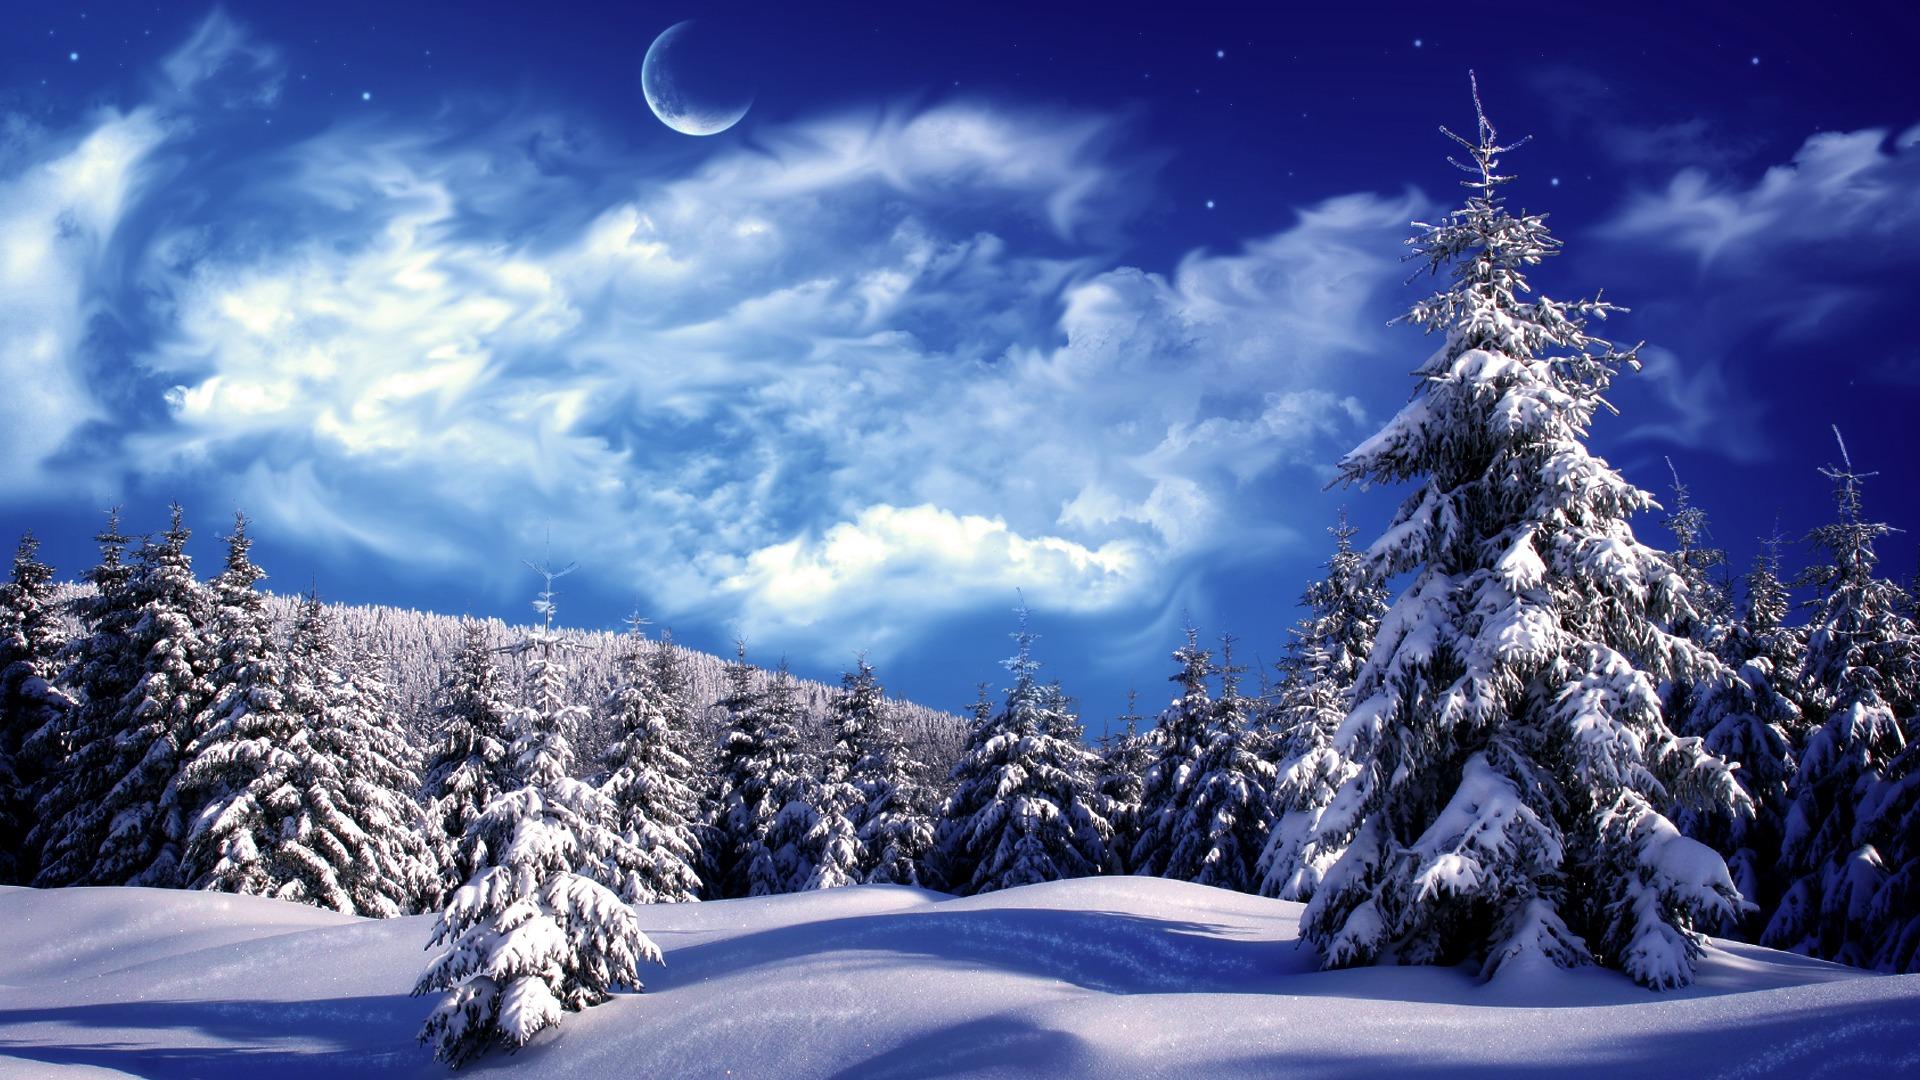 Blue Mountains Winter Wonderland 11111 Wallpaper Wallpaper hd 1920x1080